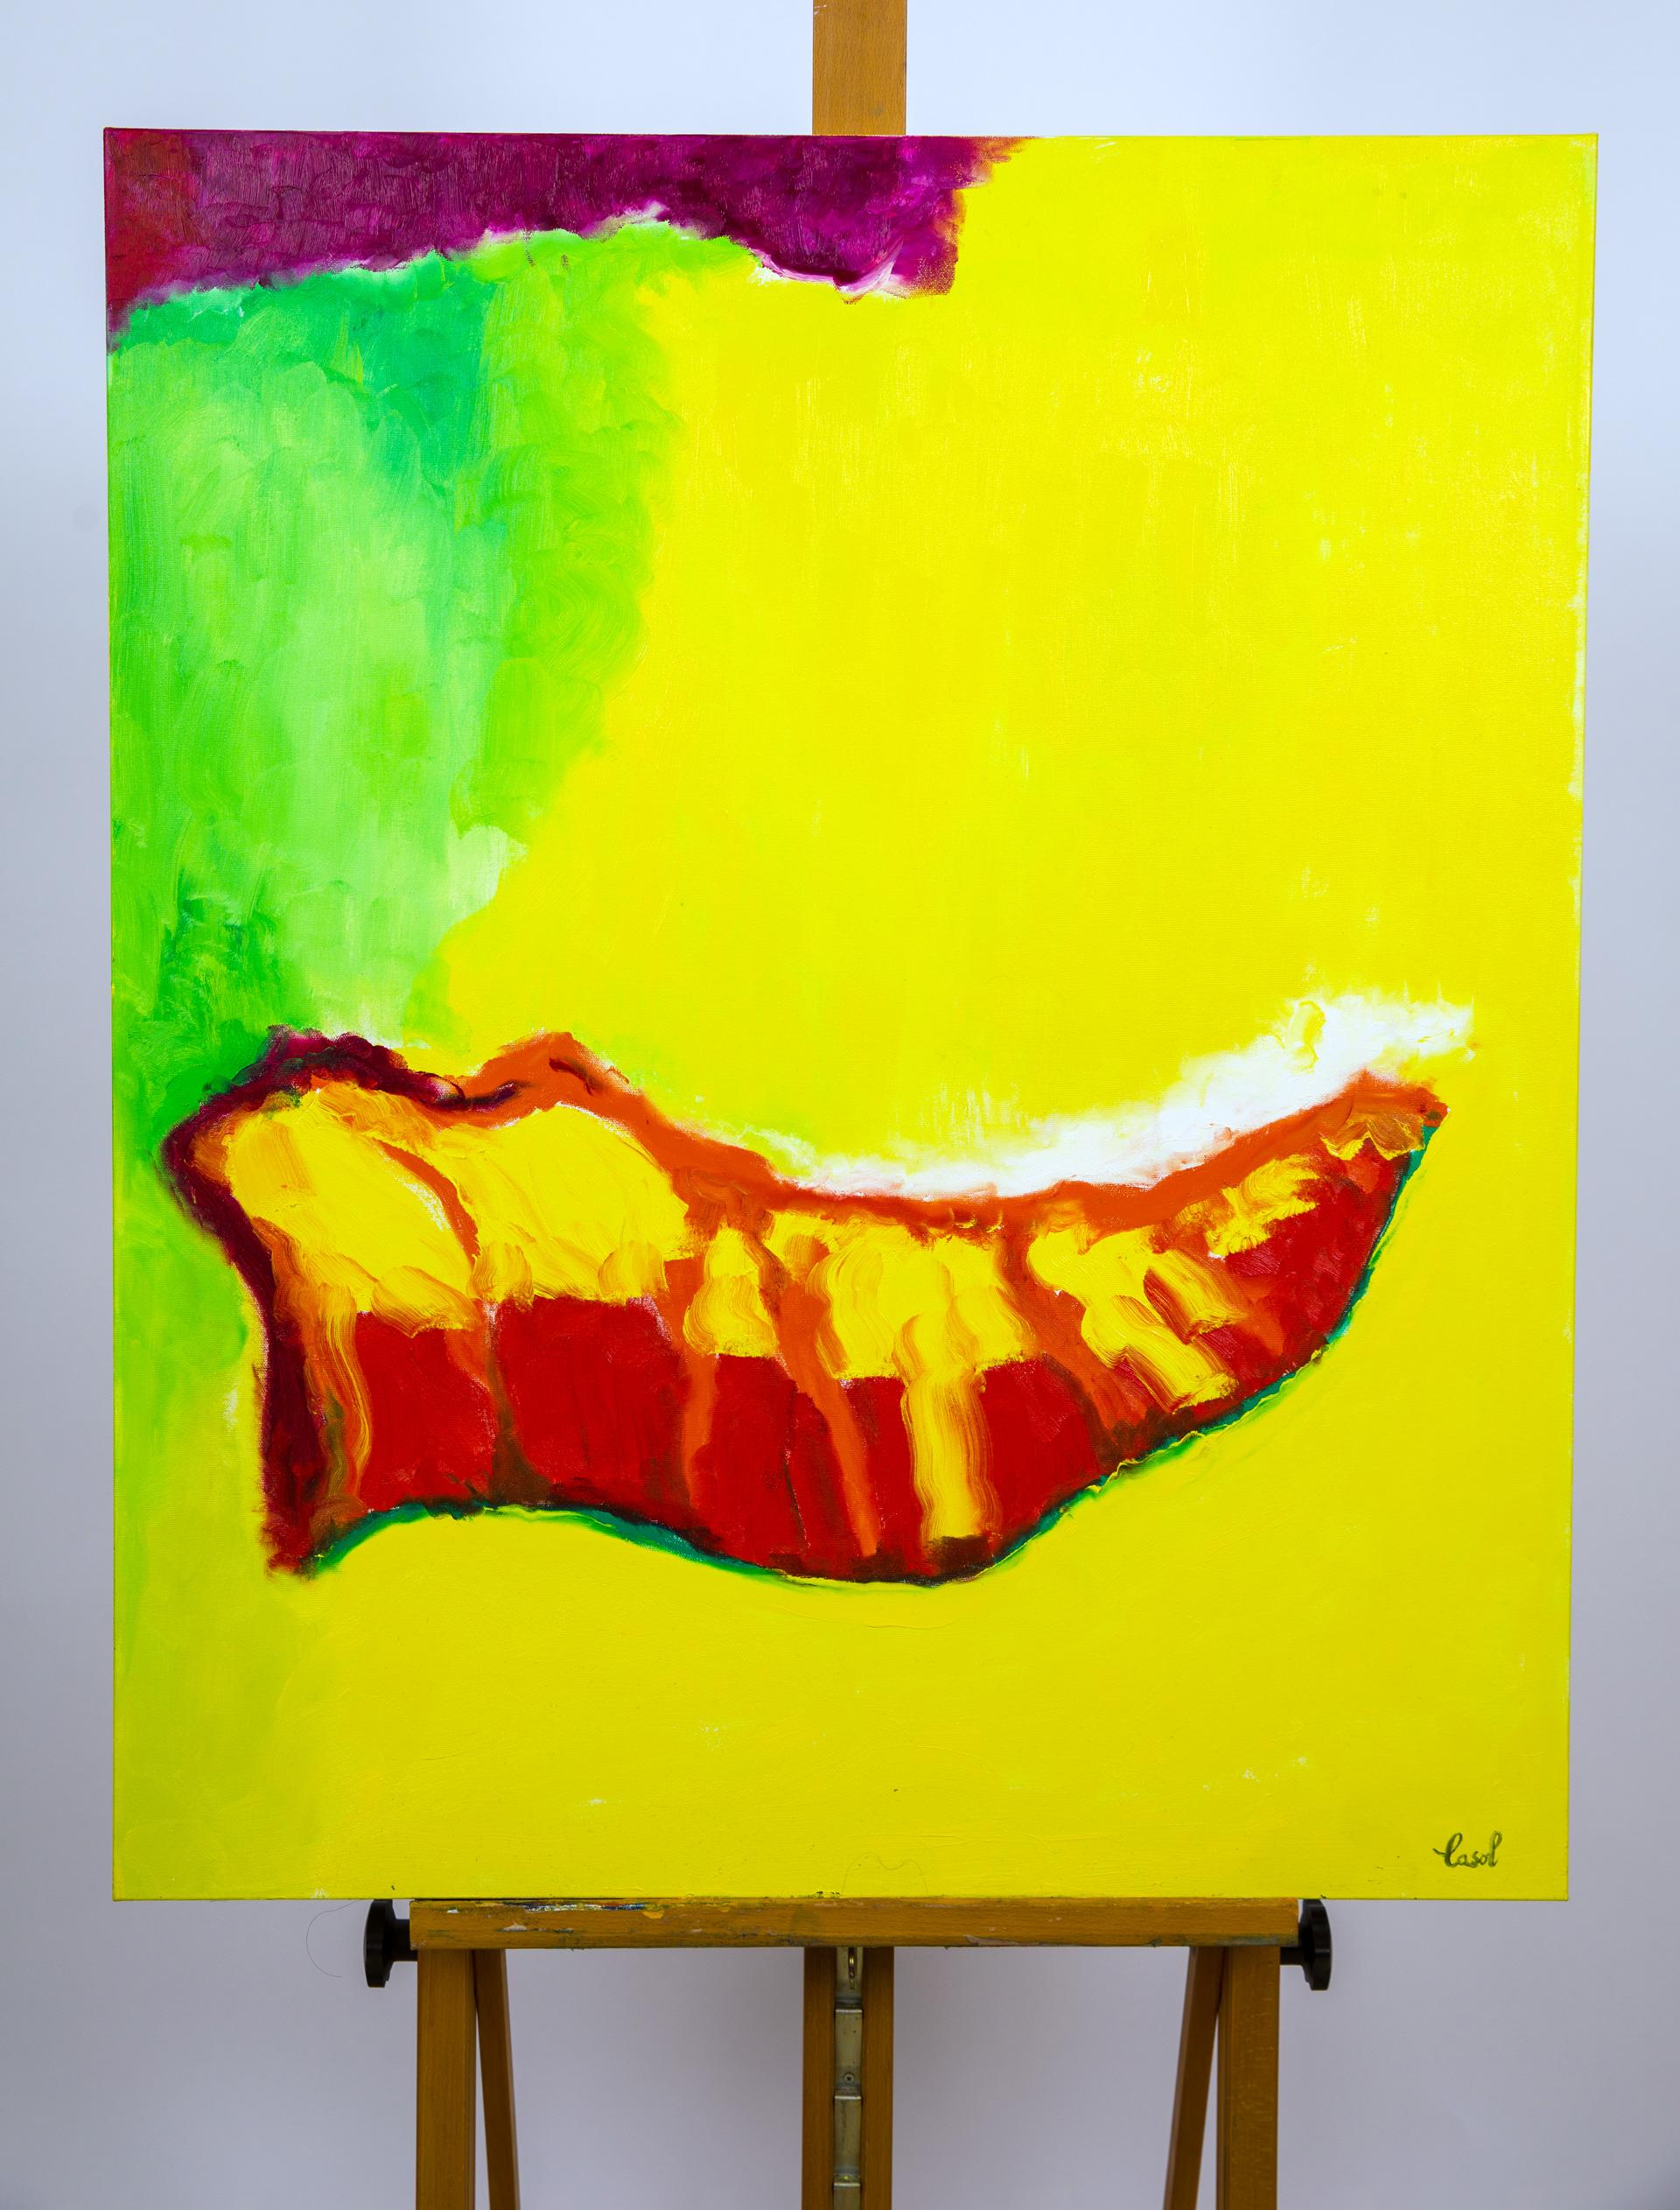 Maryse Casol, painting Ode à la Joie, 2019